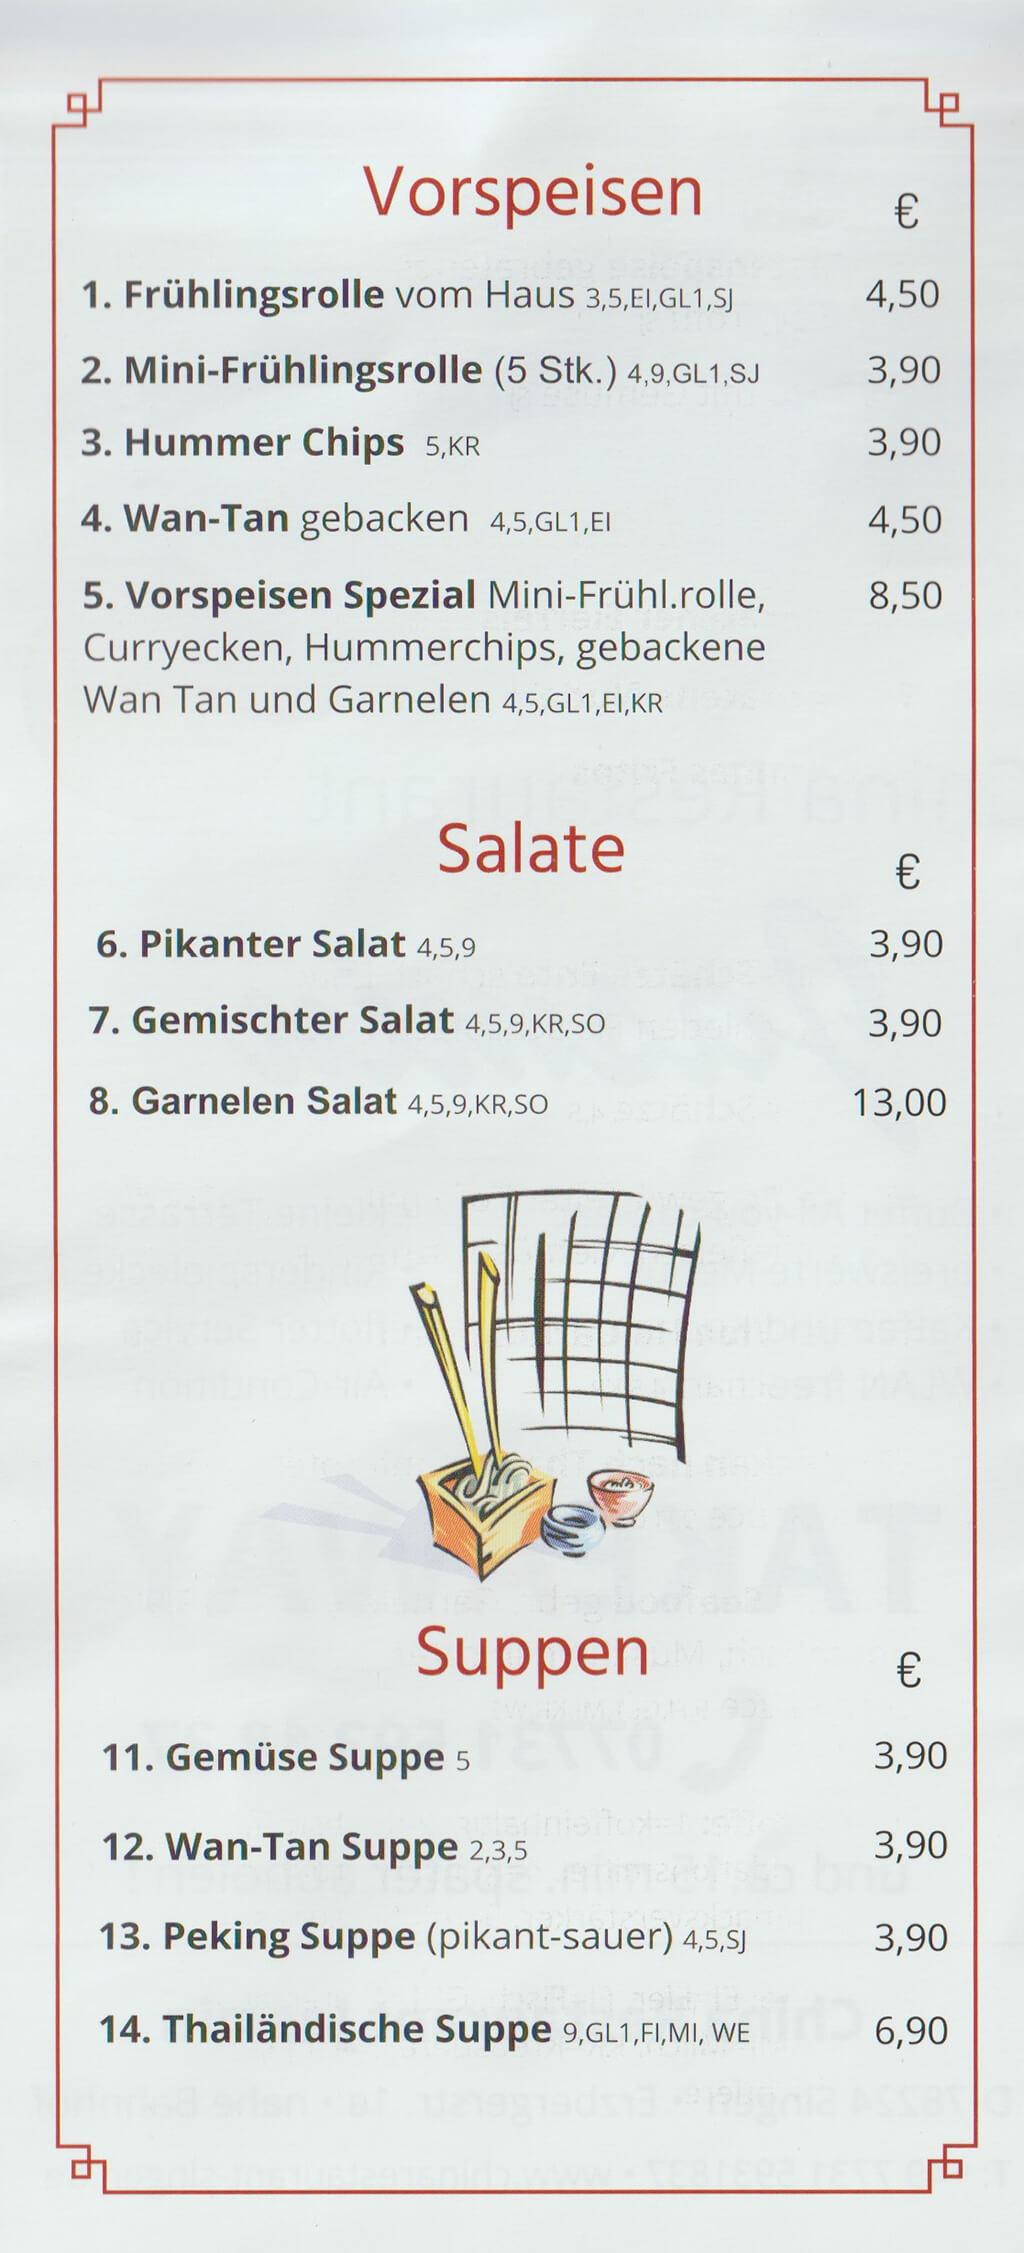 Vorspeisen, Salate und Suppen